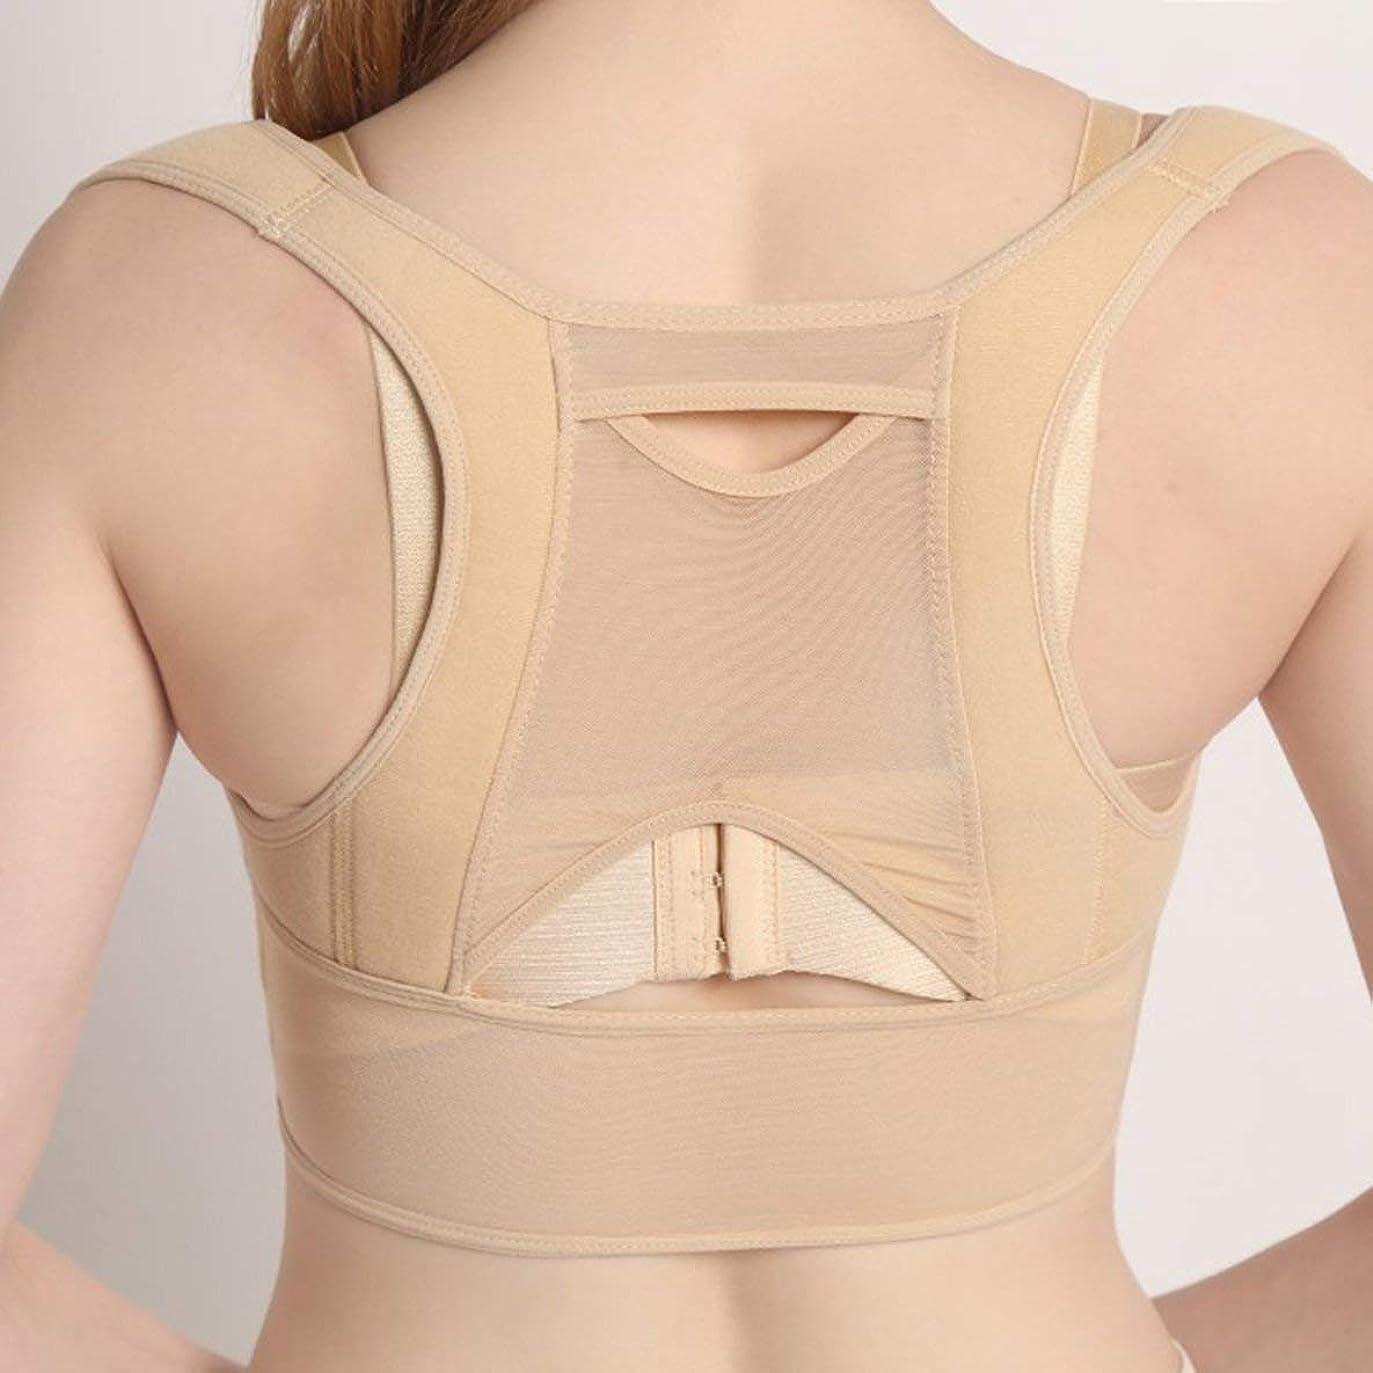 絵直立コールBirdlantern通気性のある女性の背中の姿勢矯正コルセット整形外科の背中の上部の肩背骨姿勢矯正腰椎サポート